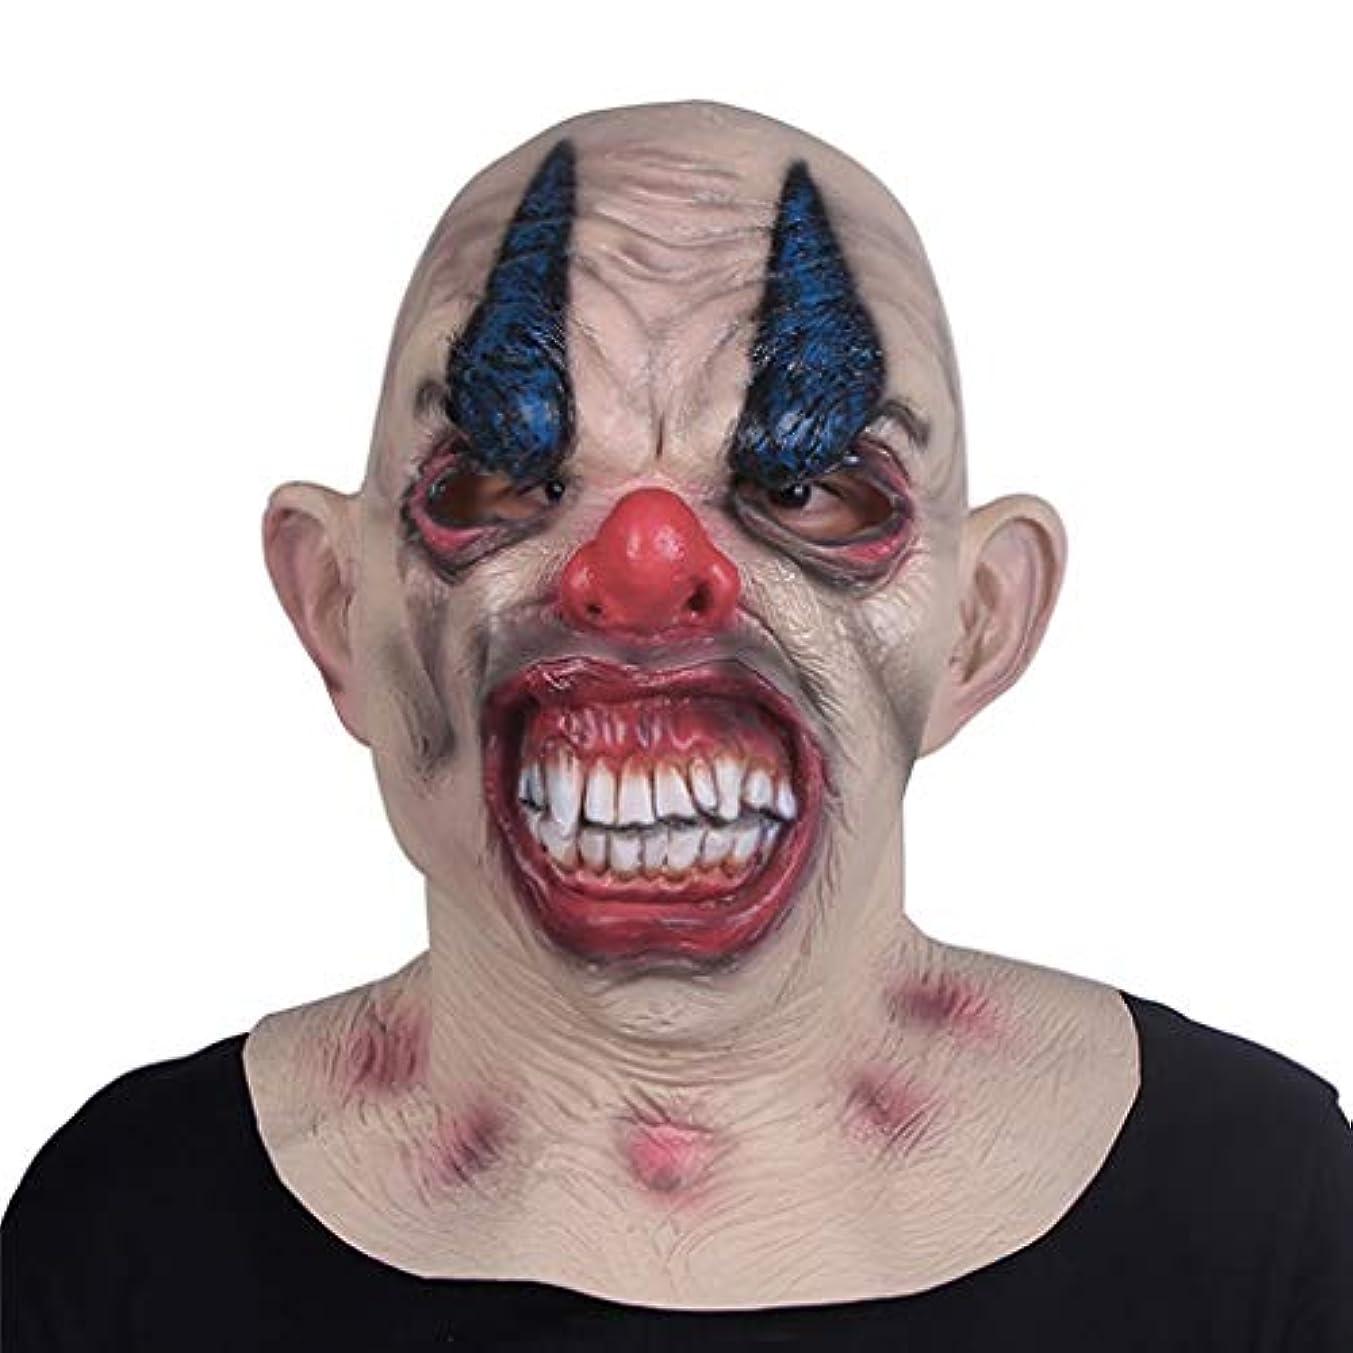 公然と動揺させると組むハロウィンホラーマスク成人男性フルフェイス怖いラテックスヘッドセットハロウィン東京グールマスクゴーストフェイスデビル (Color : B)